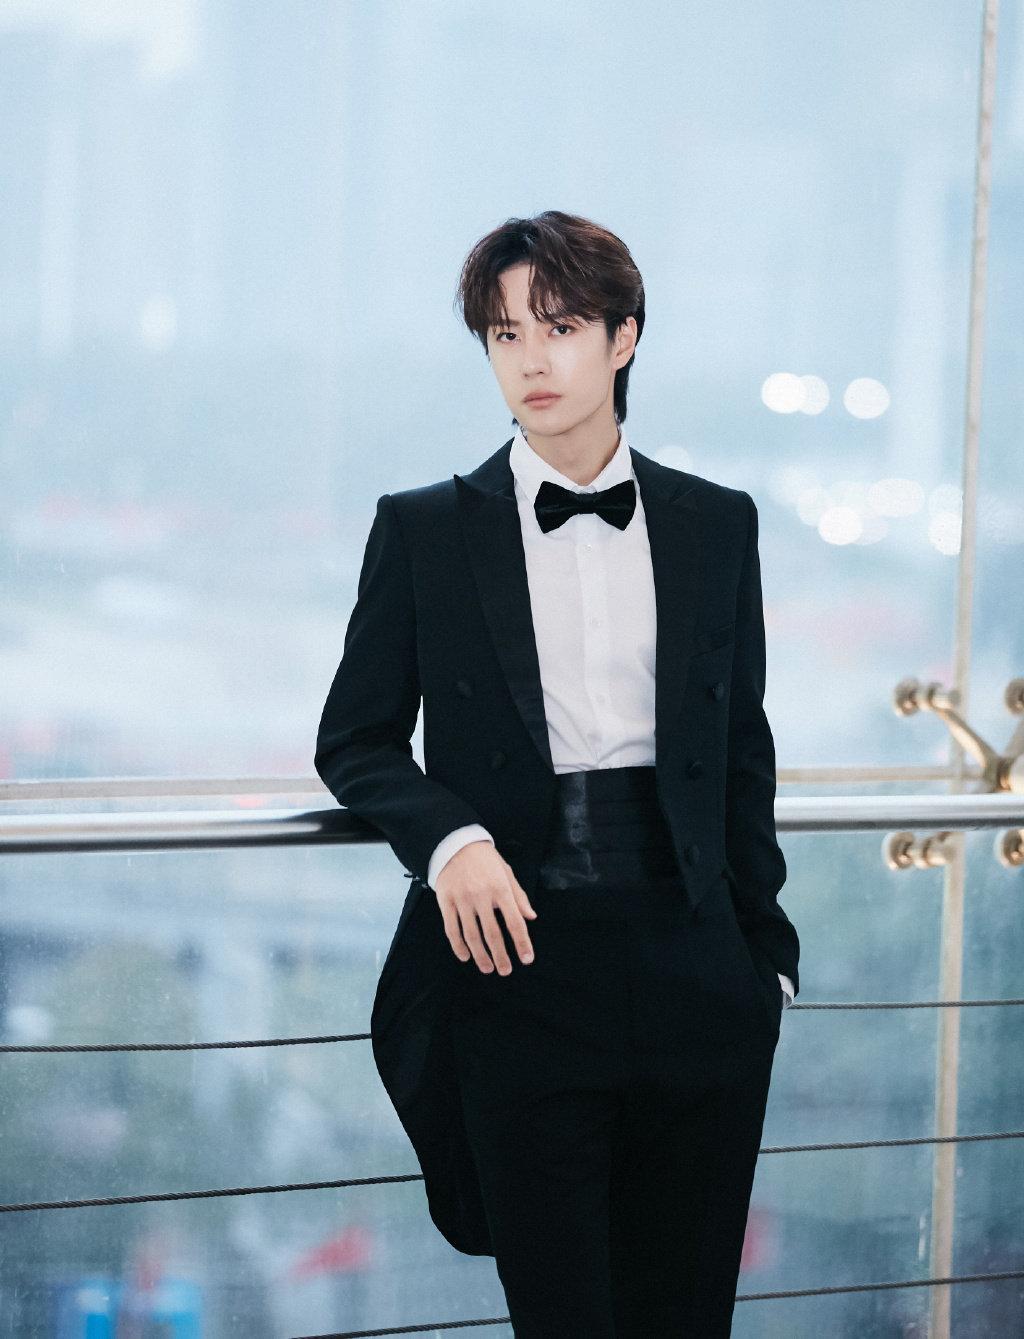 王一博身穿黑色燕尾服搭配白衬衫戴蝴蝶领结展尽优雅绅士